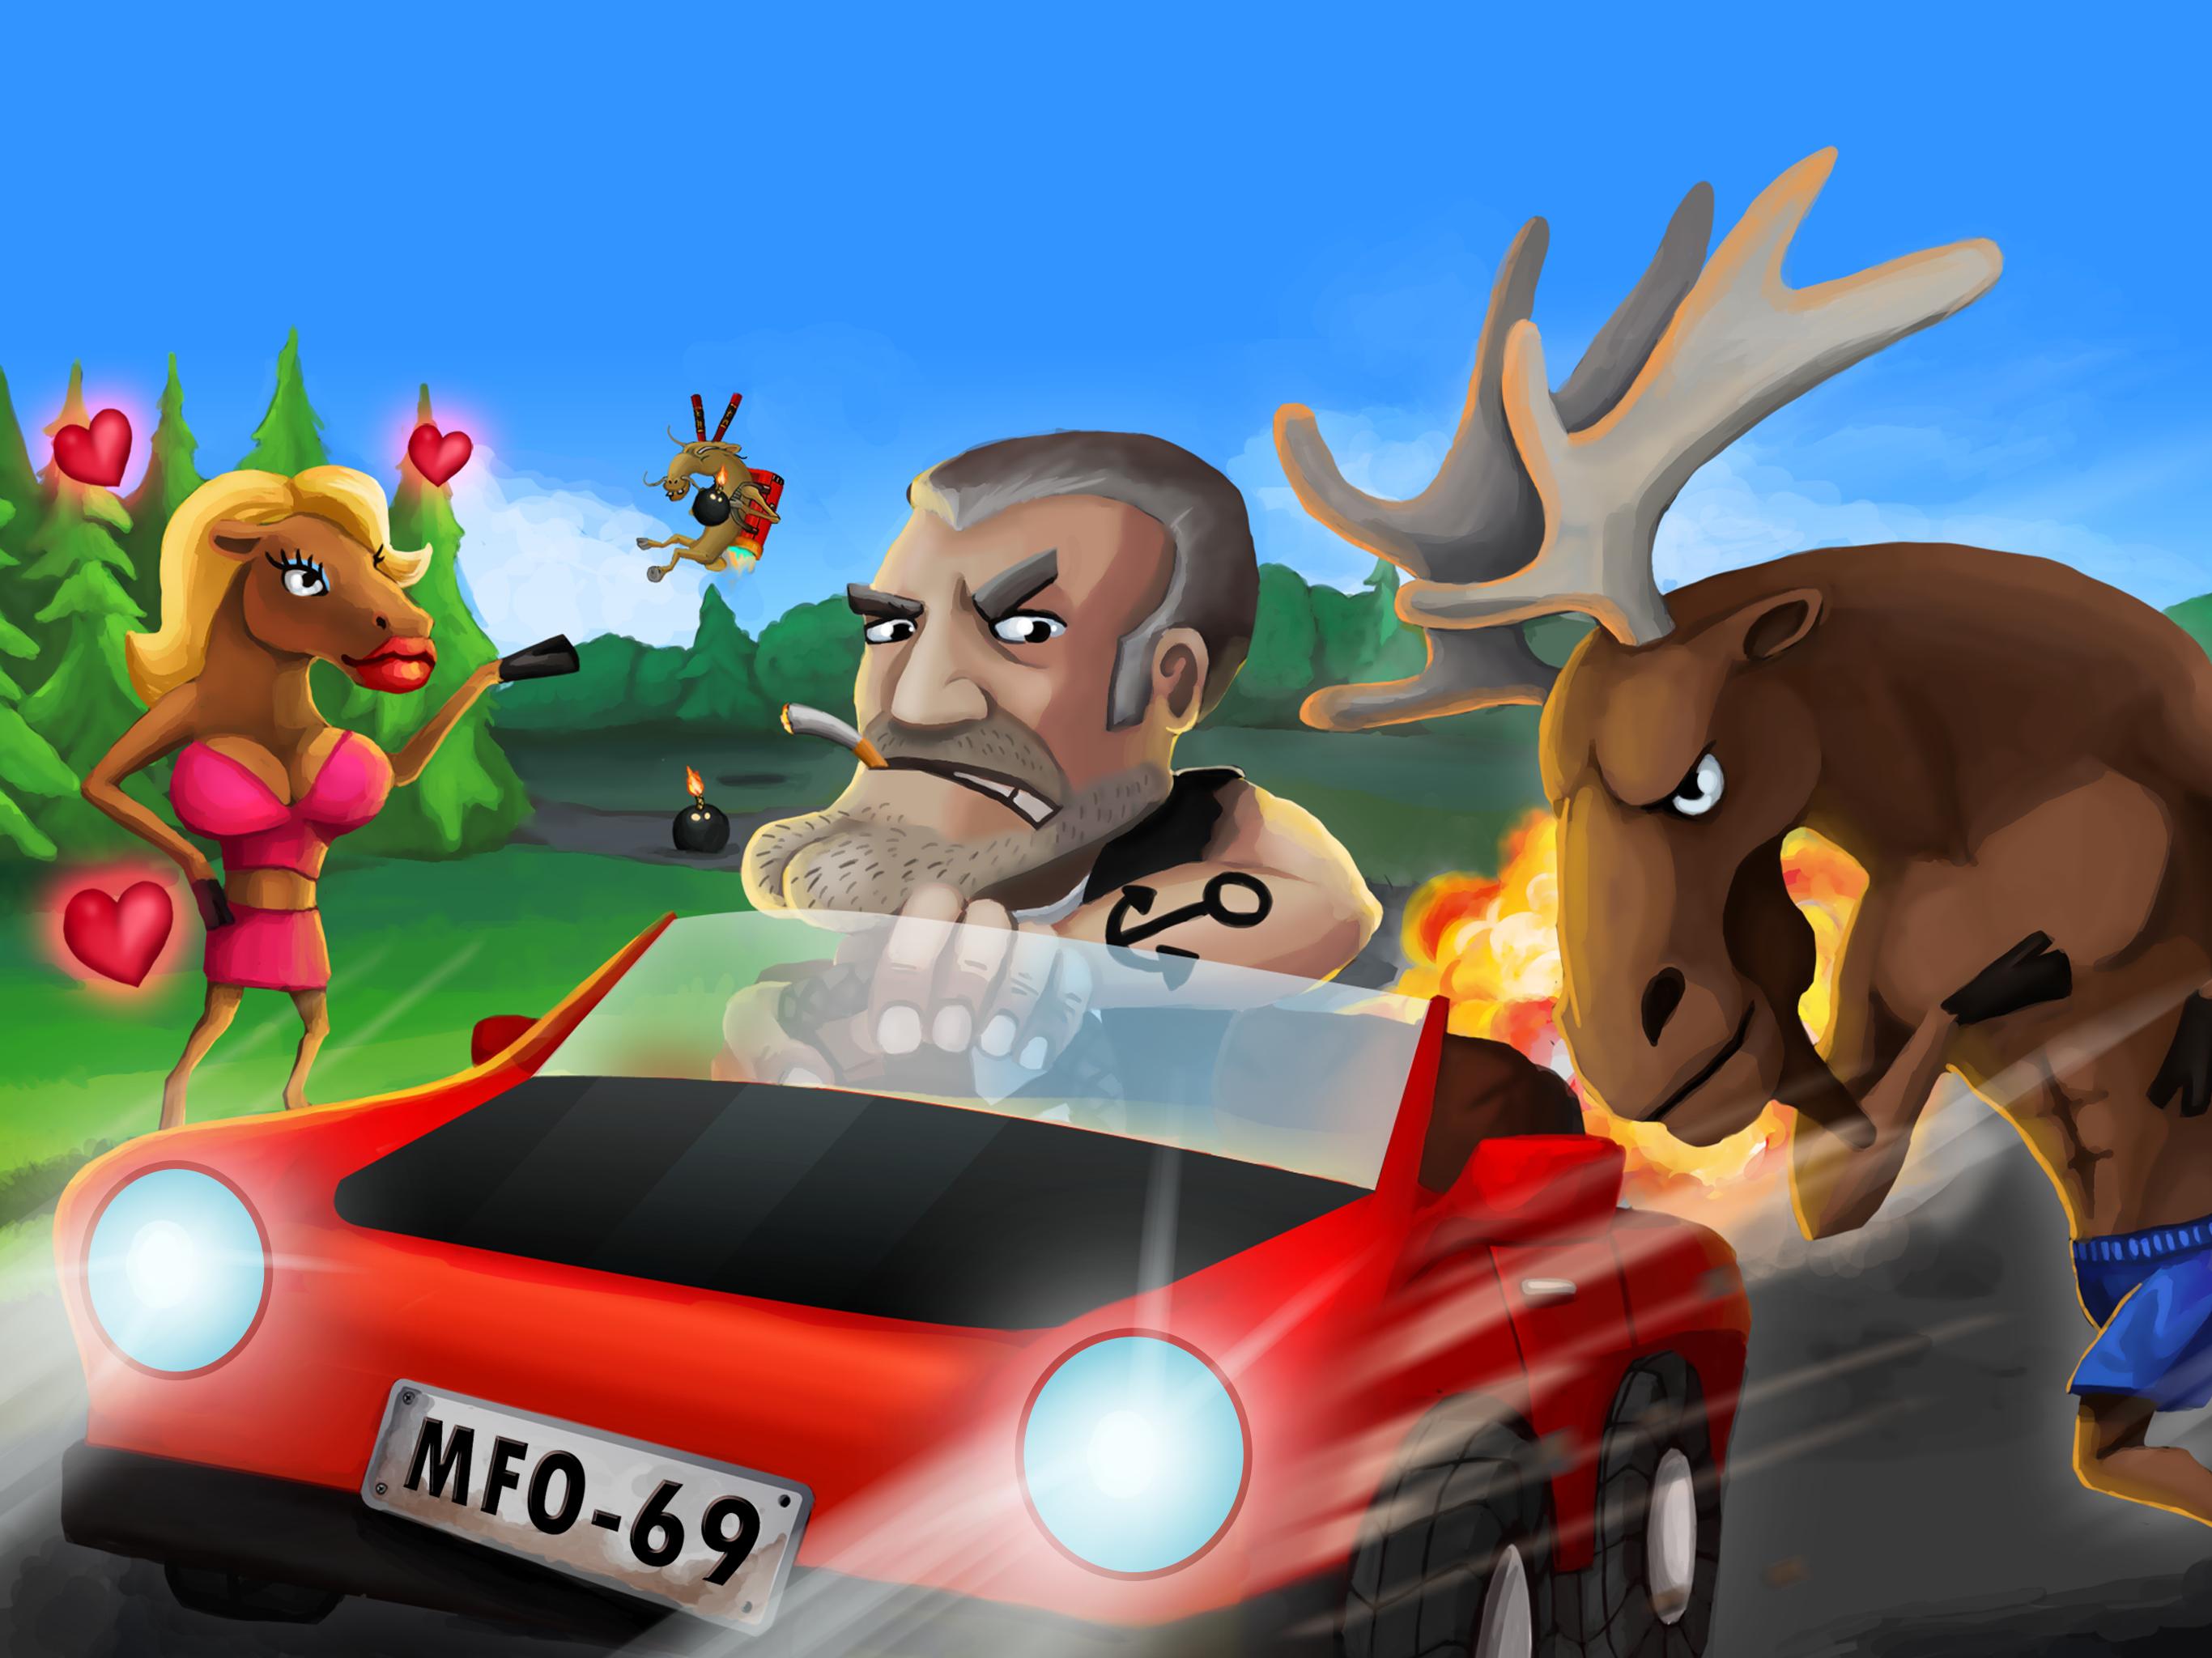 Mofo (Moose Force)